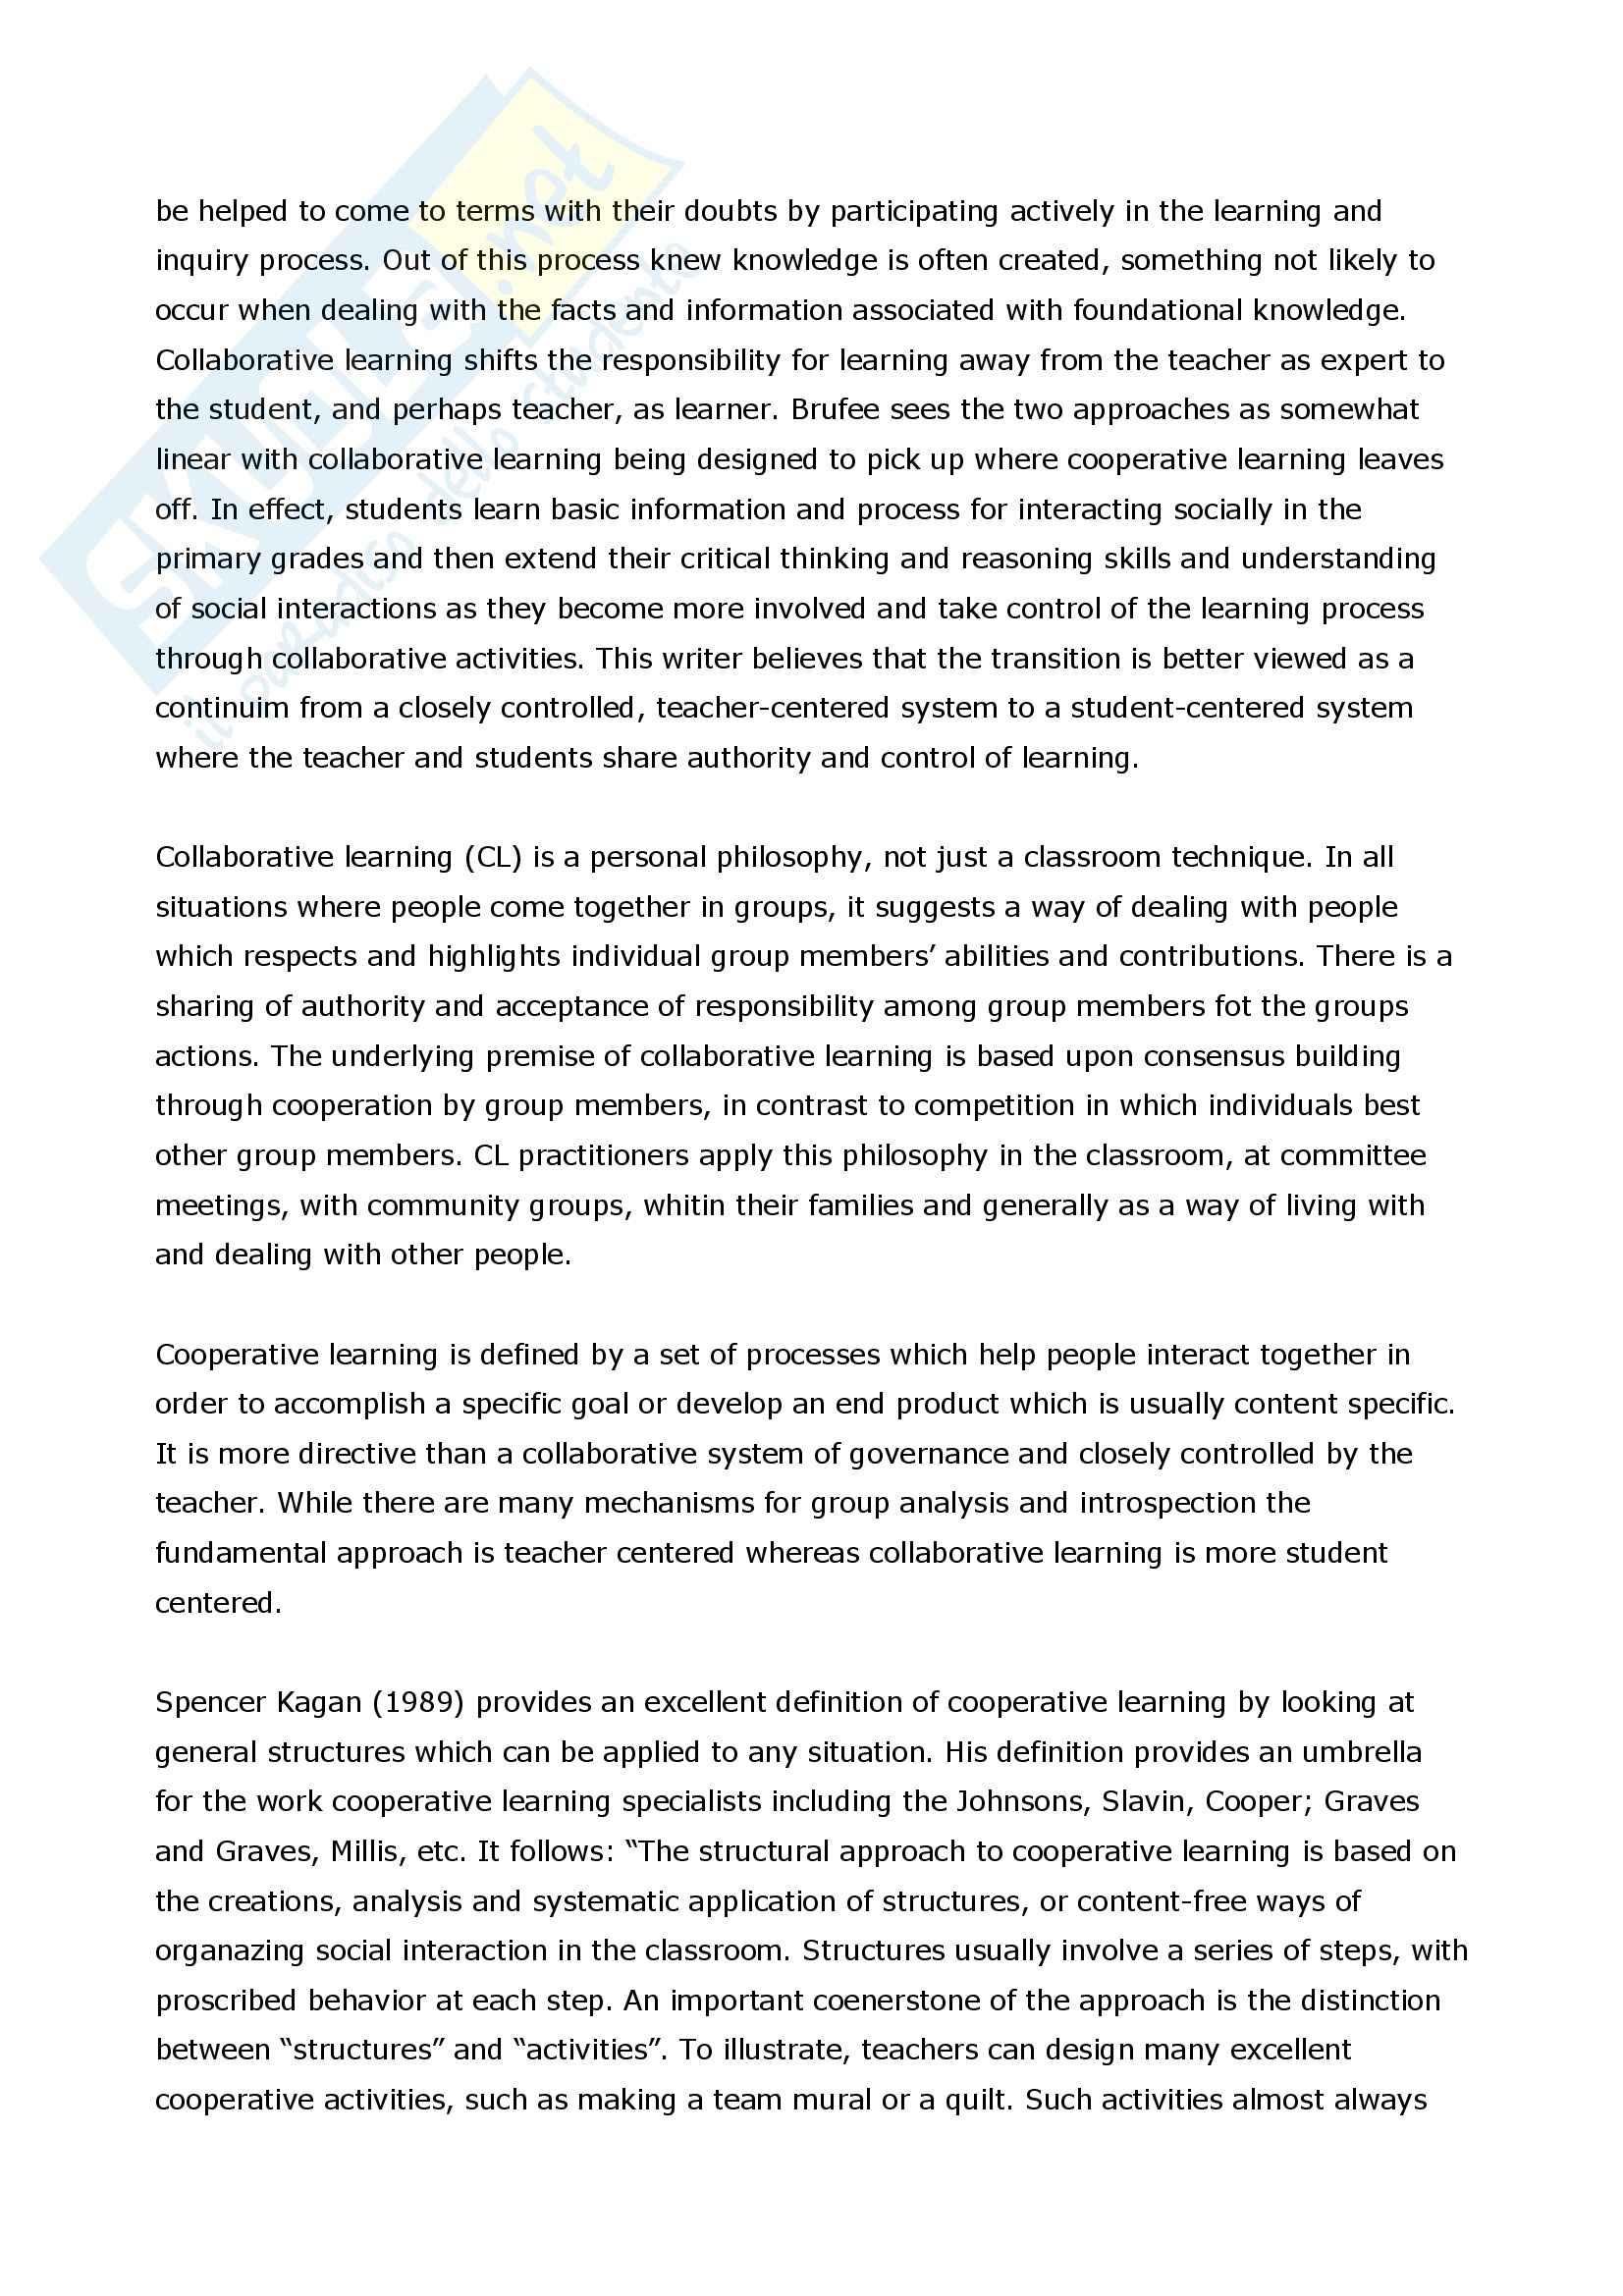 Apprendimento cooperativo e collaborativo - Confronto Pag. 6